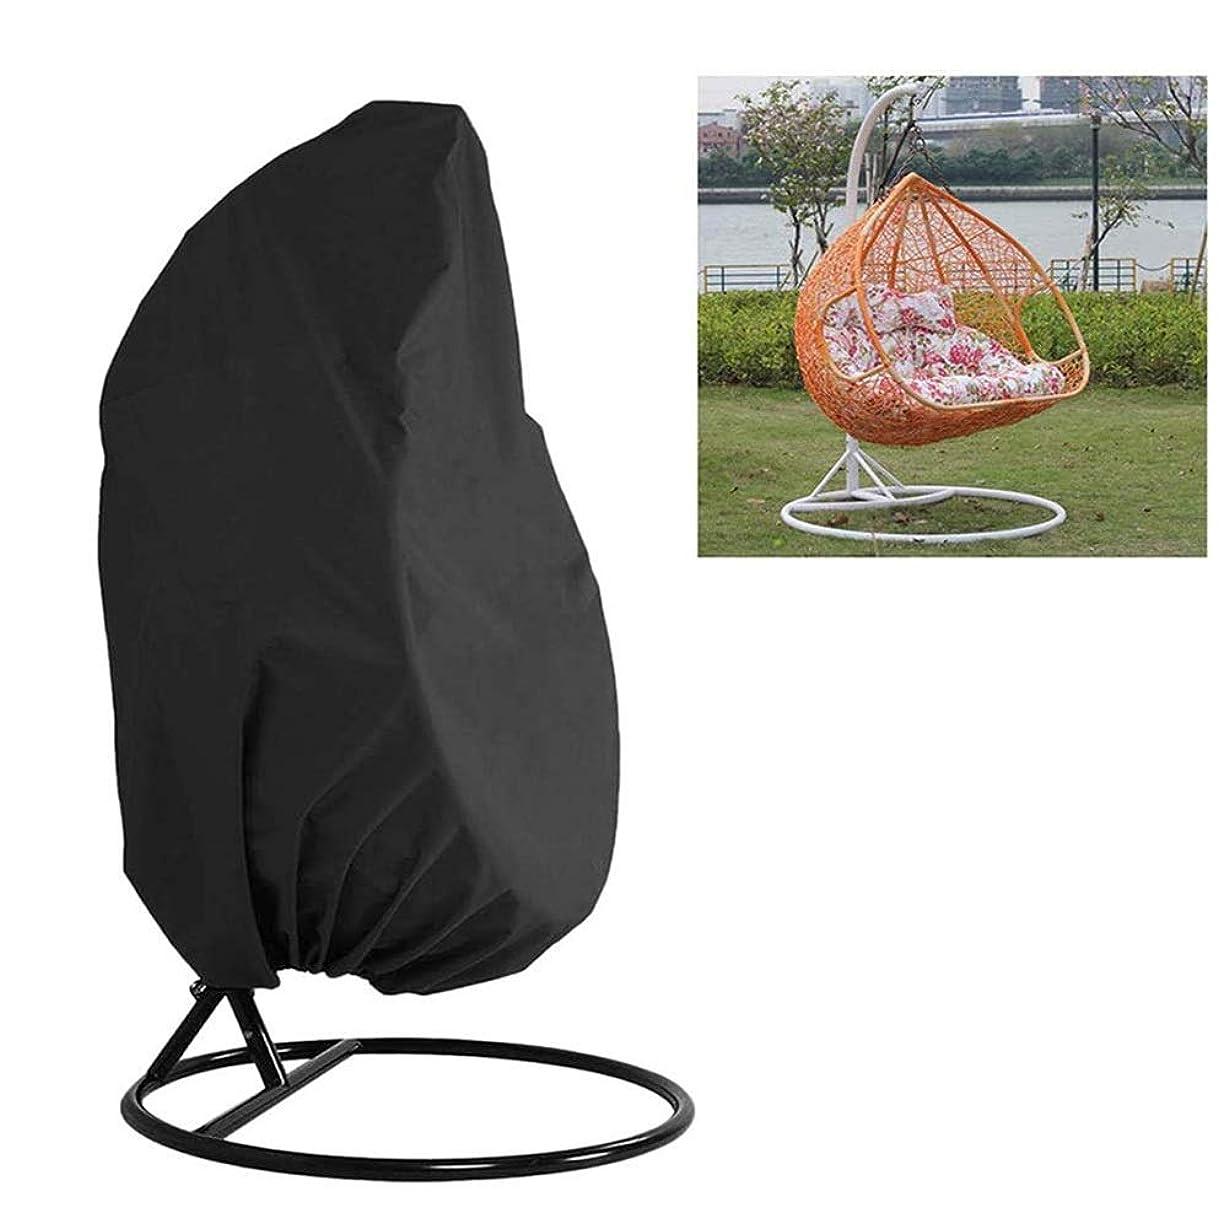 孤独な配偶者雹LJIANWガーデン屋外カバーテーブル パティオ吊り椅子カバー210Dオックスフォード生地防水庭園コクーンエッグチェア保護カバー (Color : Black, Size : 74.80 x 45.28 Inch)